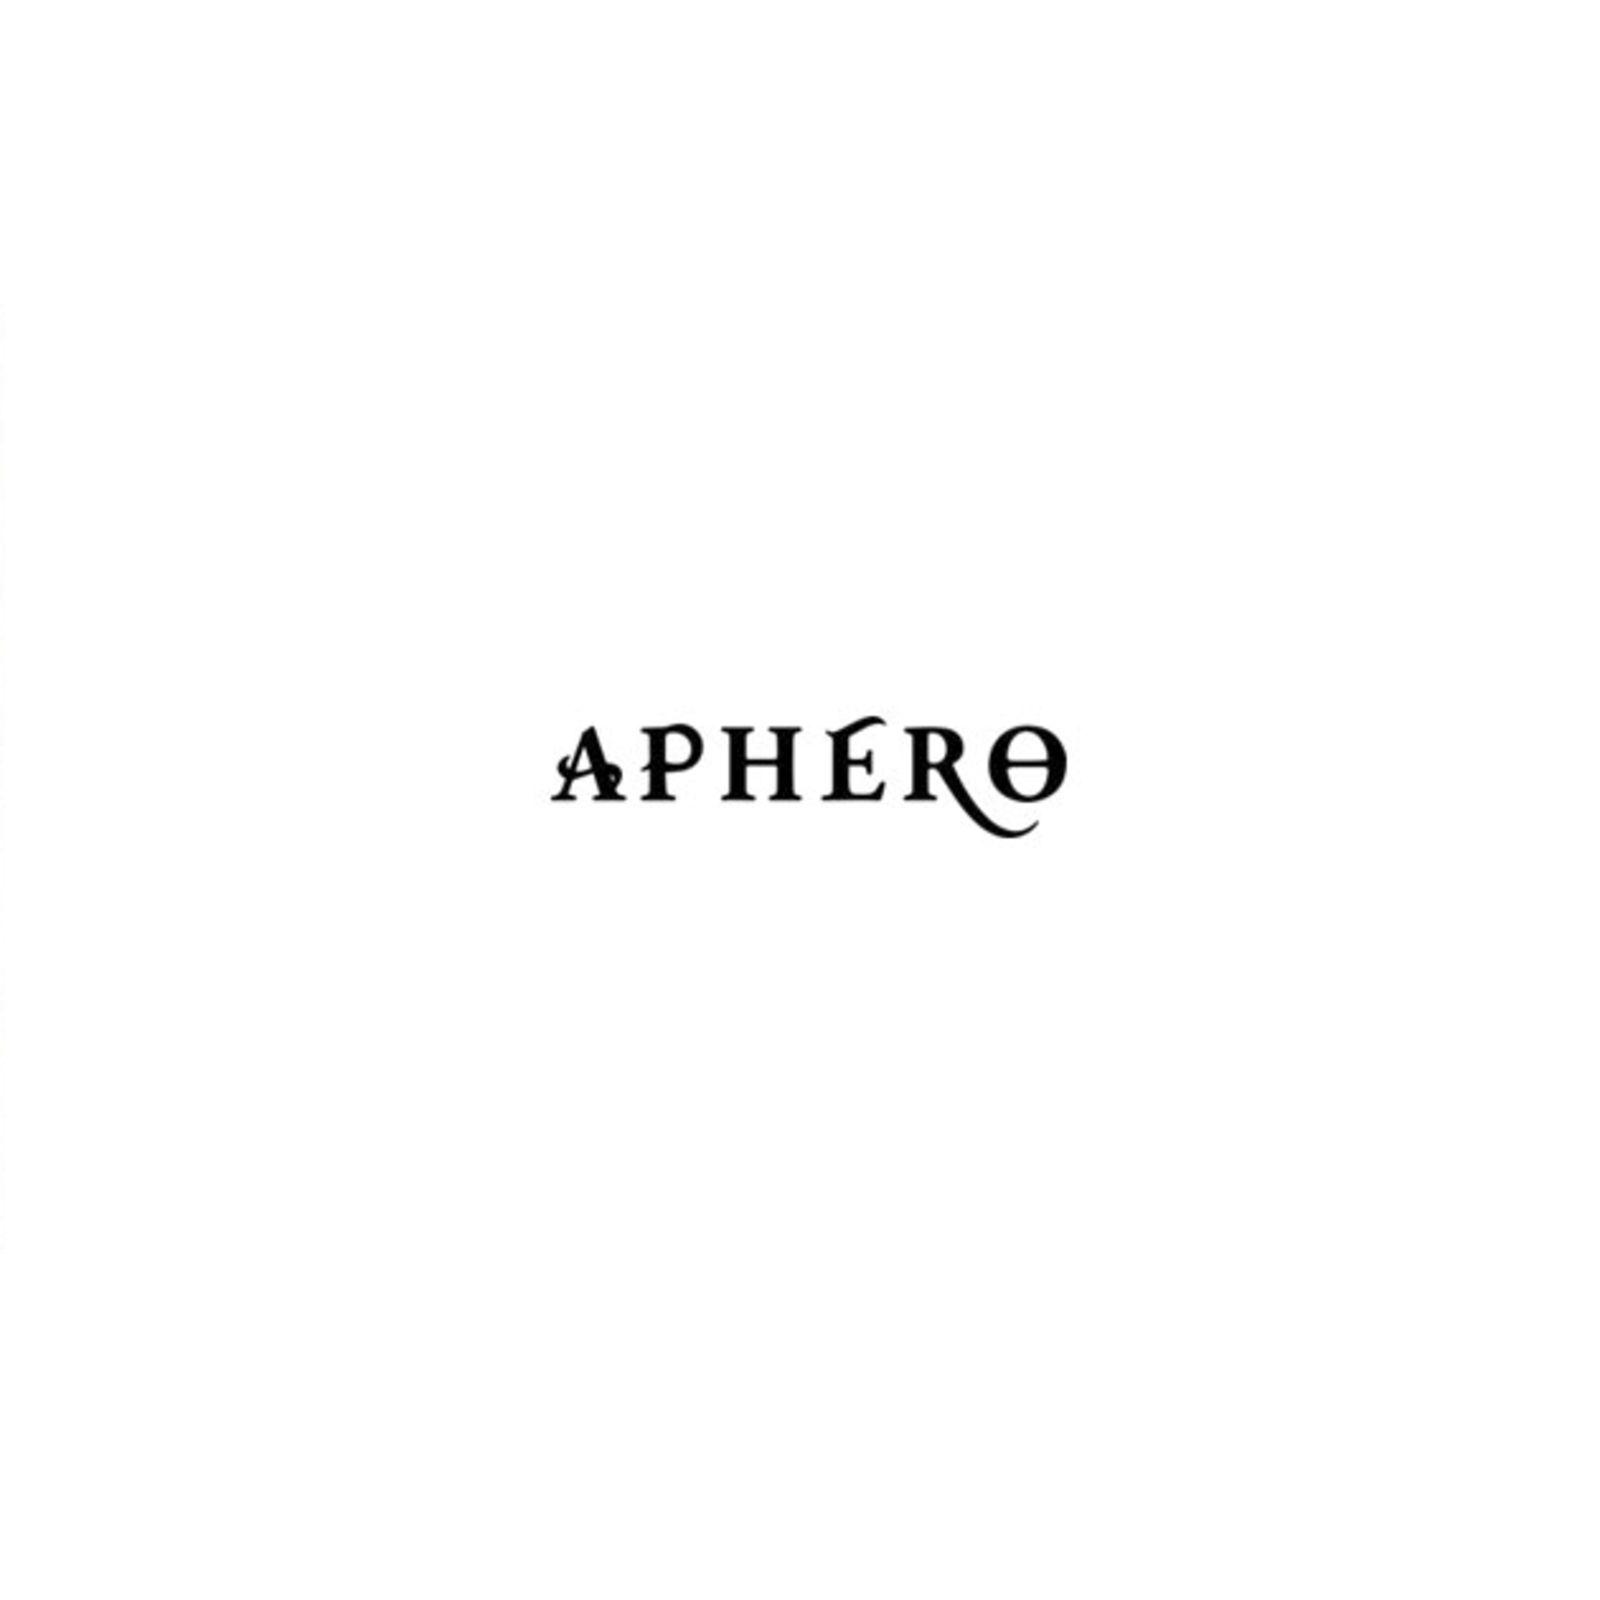 APHERO